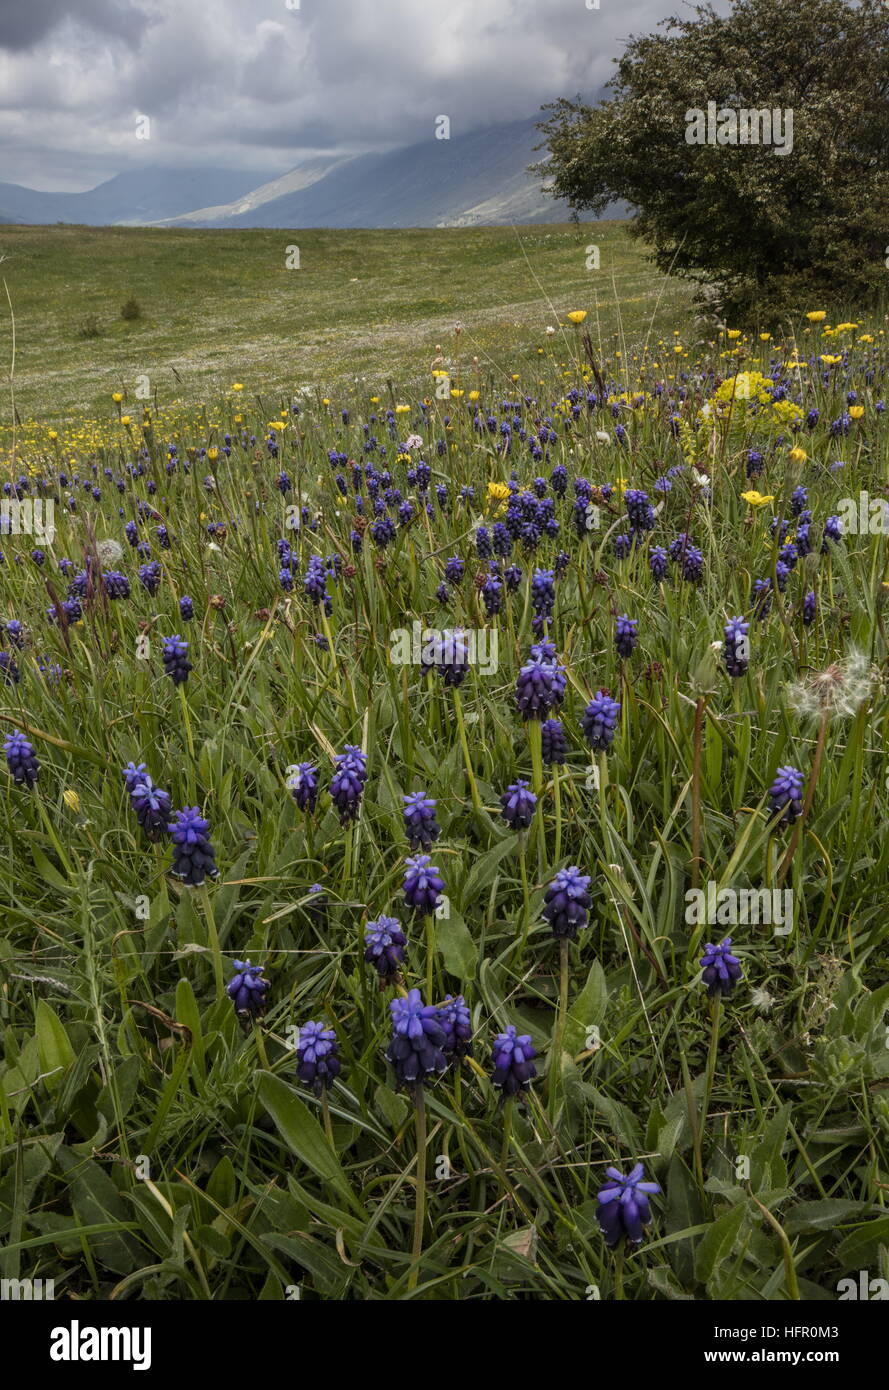 Masses de muscaris dans des pâturages, Parc National Gran Sasso, Apennins, en Italie. Photo Stock